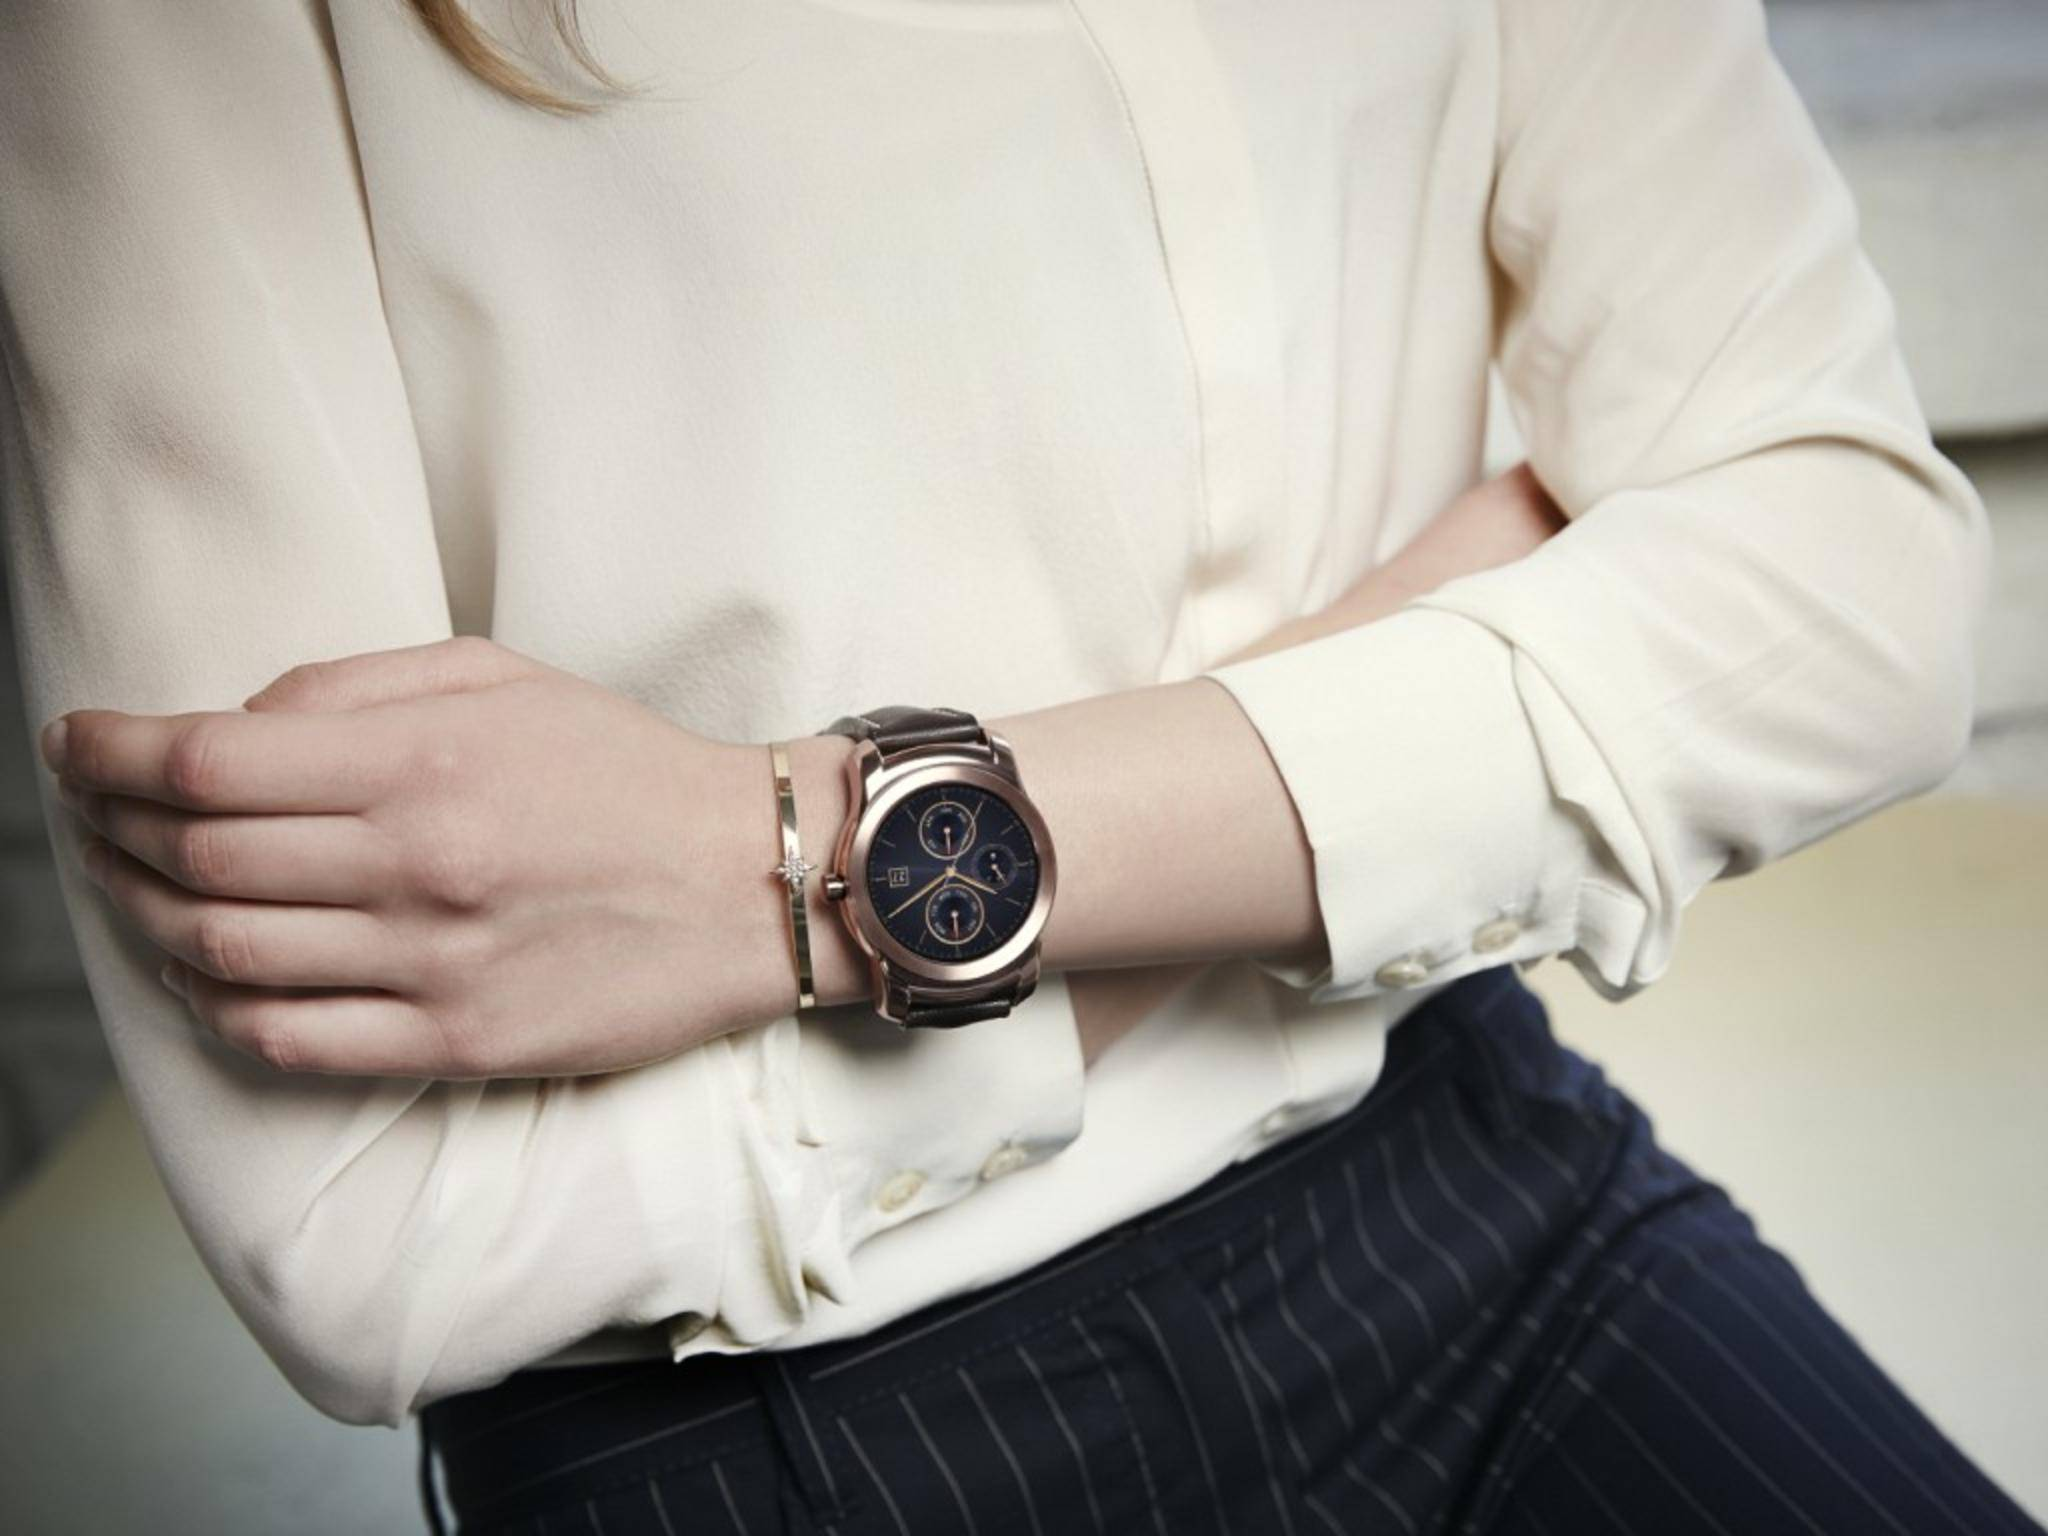 Die LG Watch Urbane kostet in Deutschland 349 Euro.